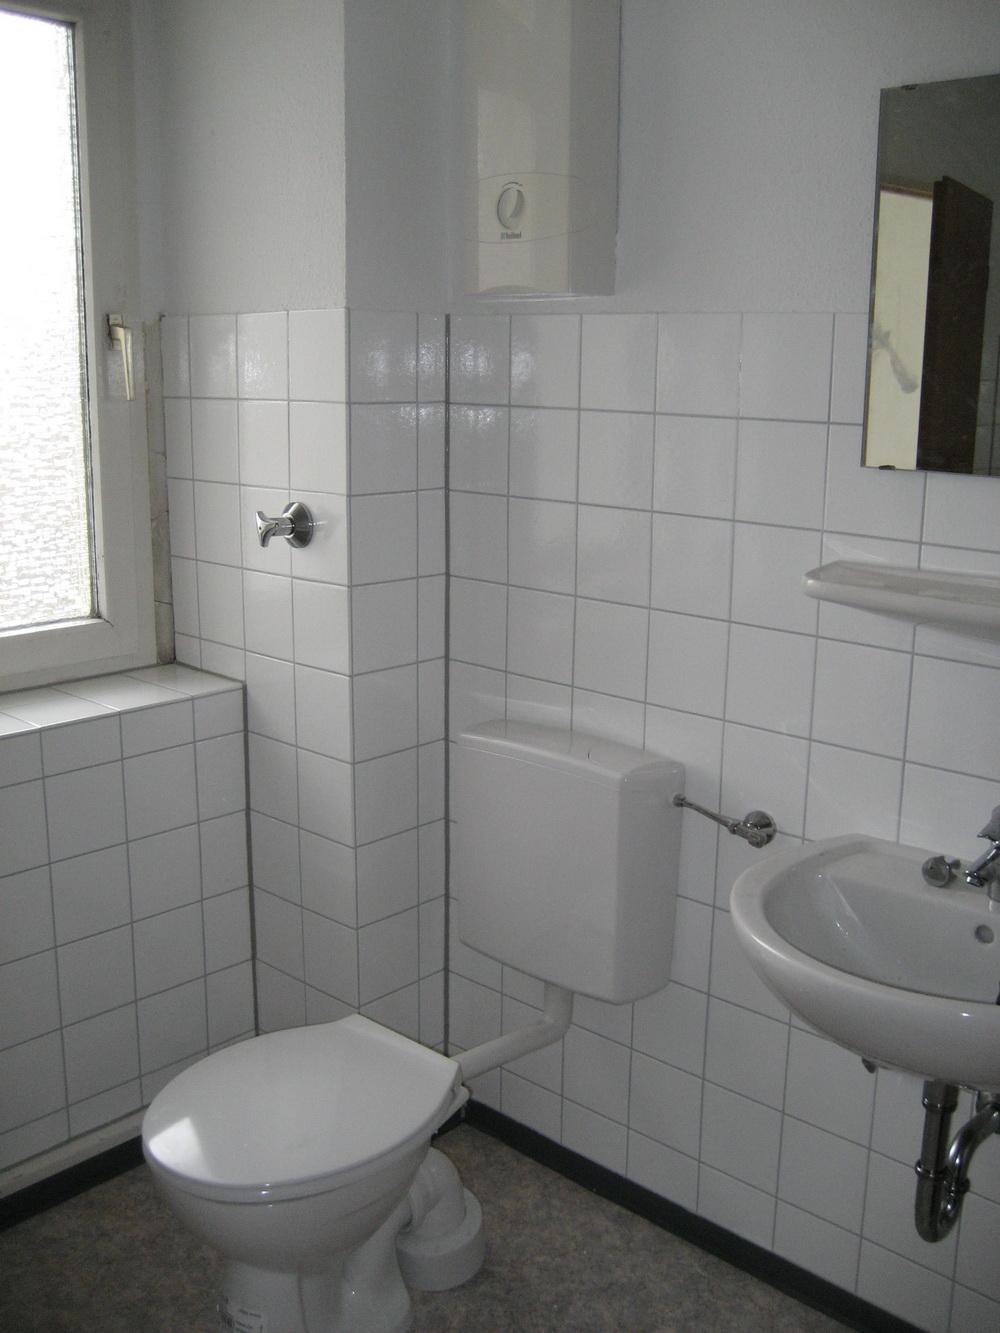 Badsanierung und Fliesenbeschichtung mit Flüssigkunststoff   Con System GmbH, Essen